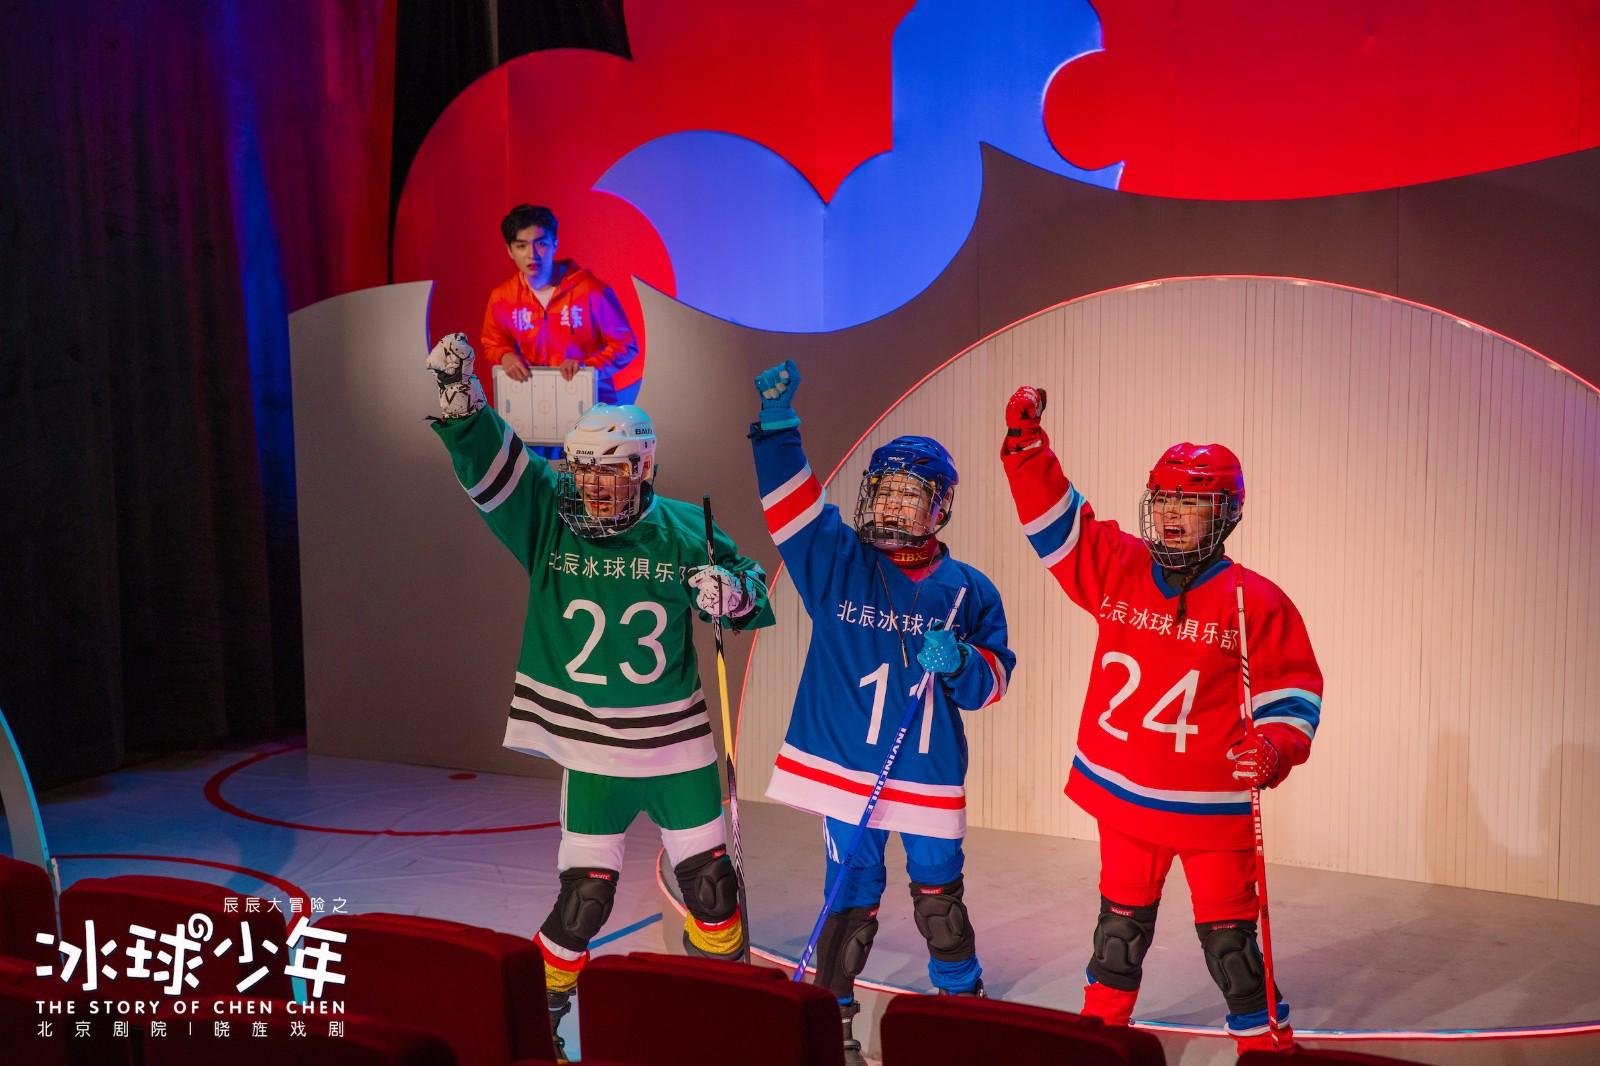 原创家庭音乐剧《辰辰大冒险2之冰球少年》开票啦